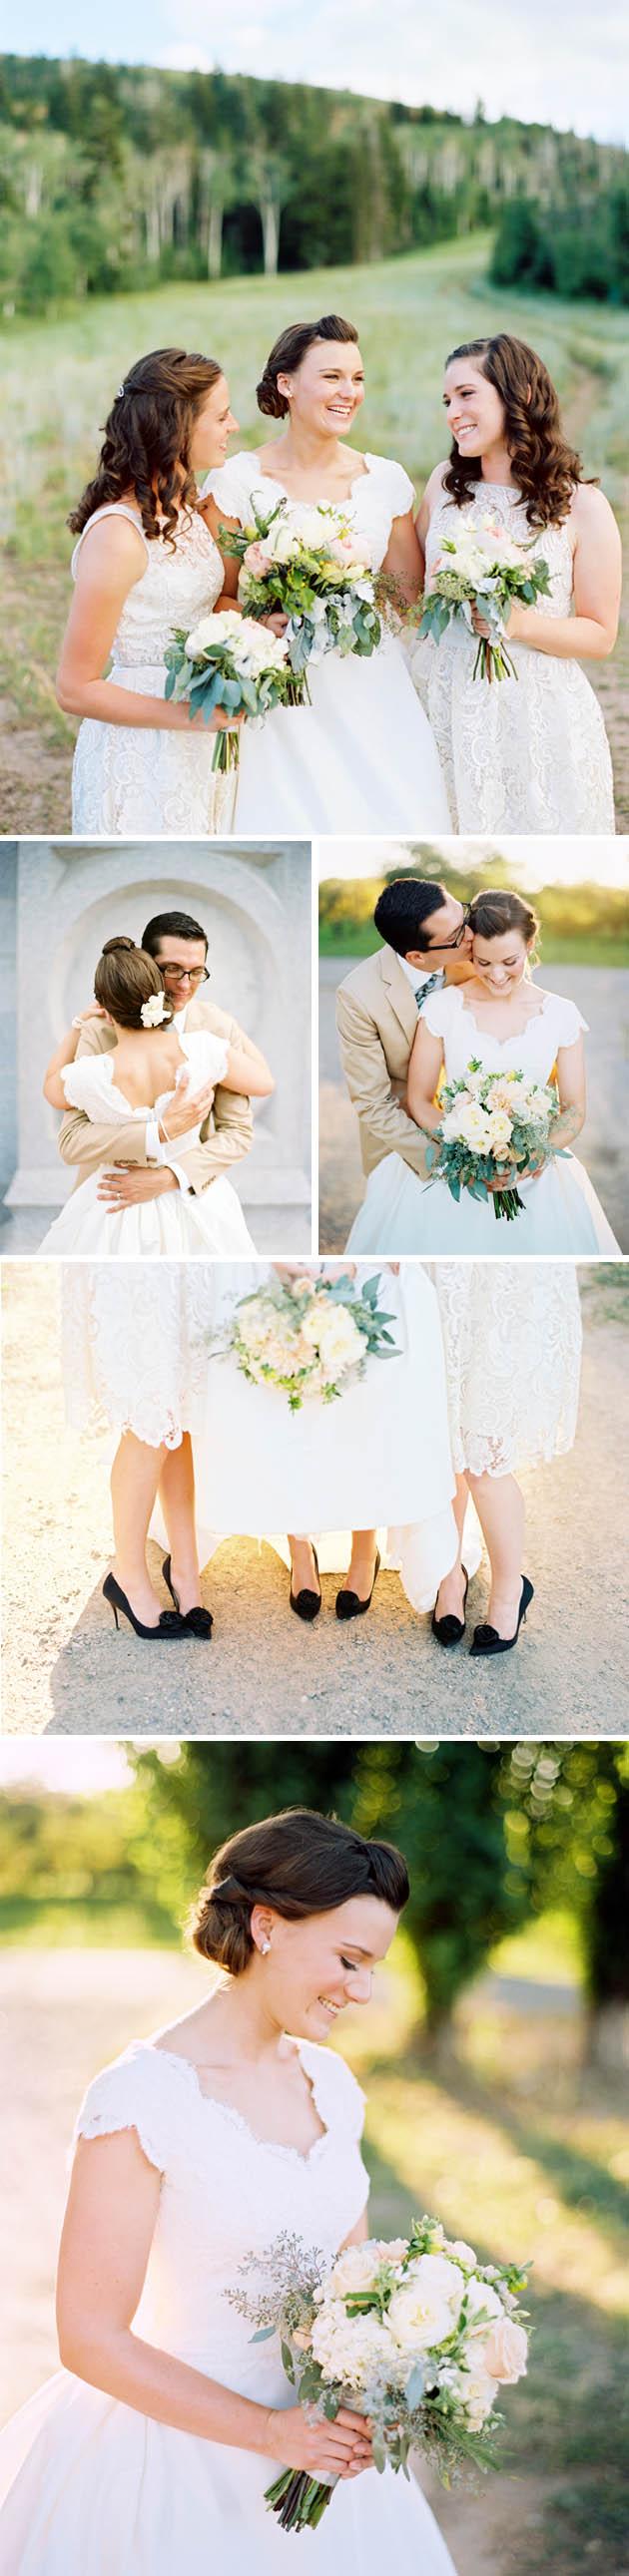 Bridal Style: An Adorable Scalloped Neckline